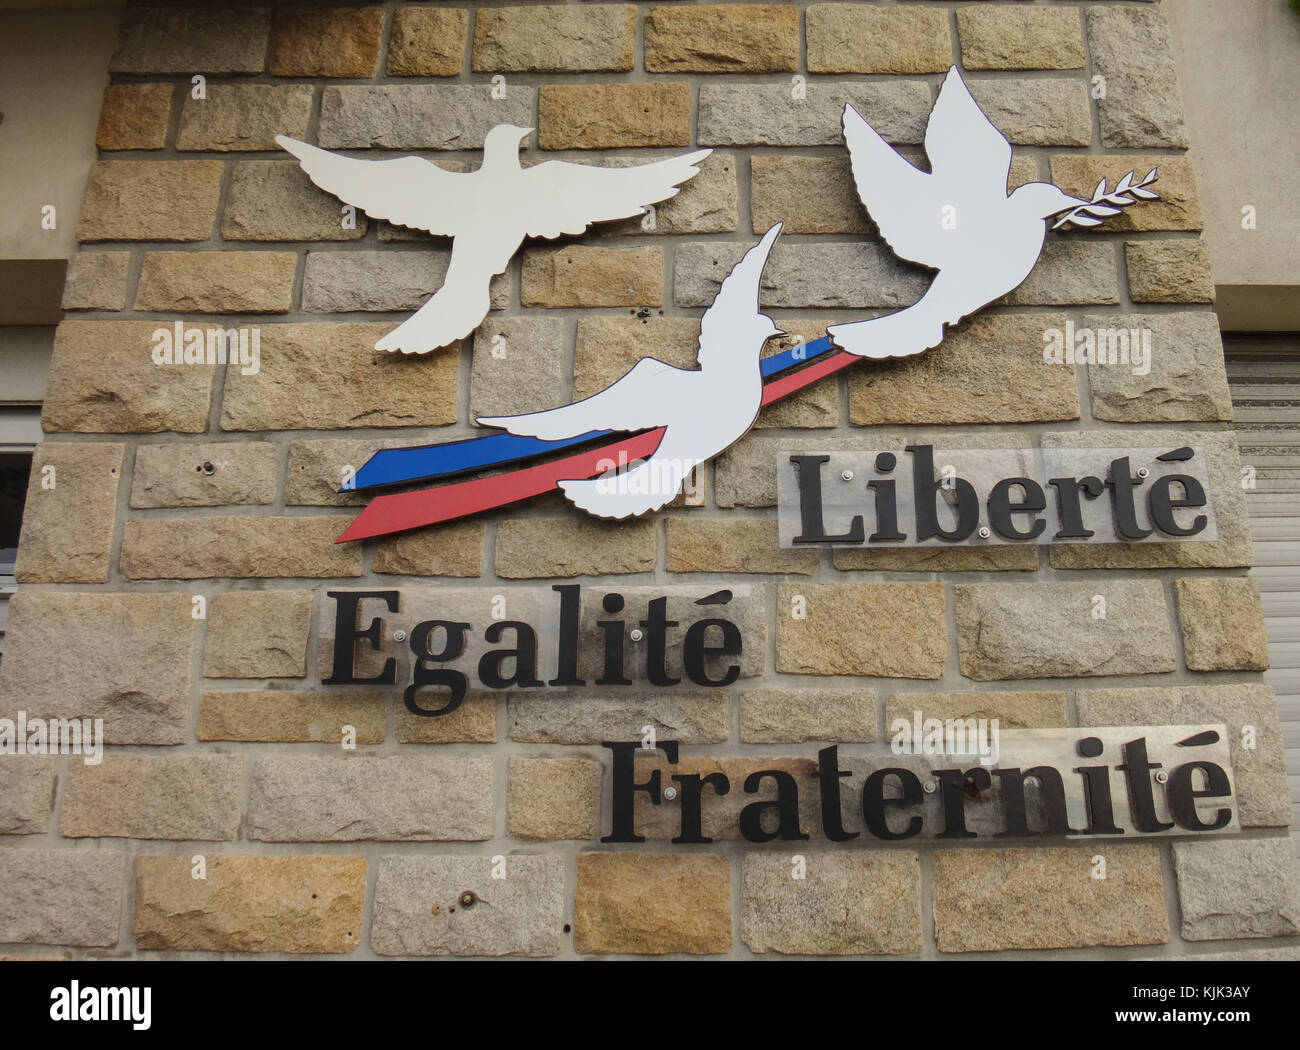 Las Palabras Liberté Egalité Fraternité Lit Libertad Igualdad Fraternidad Y Palomas De La Paz Adjunta A Una Pared Del Ayuntamiento En Crozon Francia Es El Lema De La Actual República Francesa Y